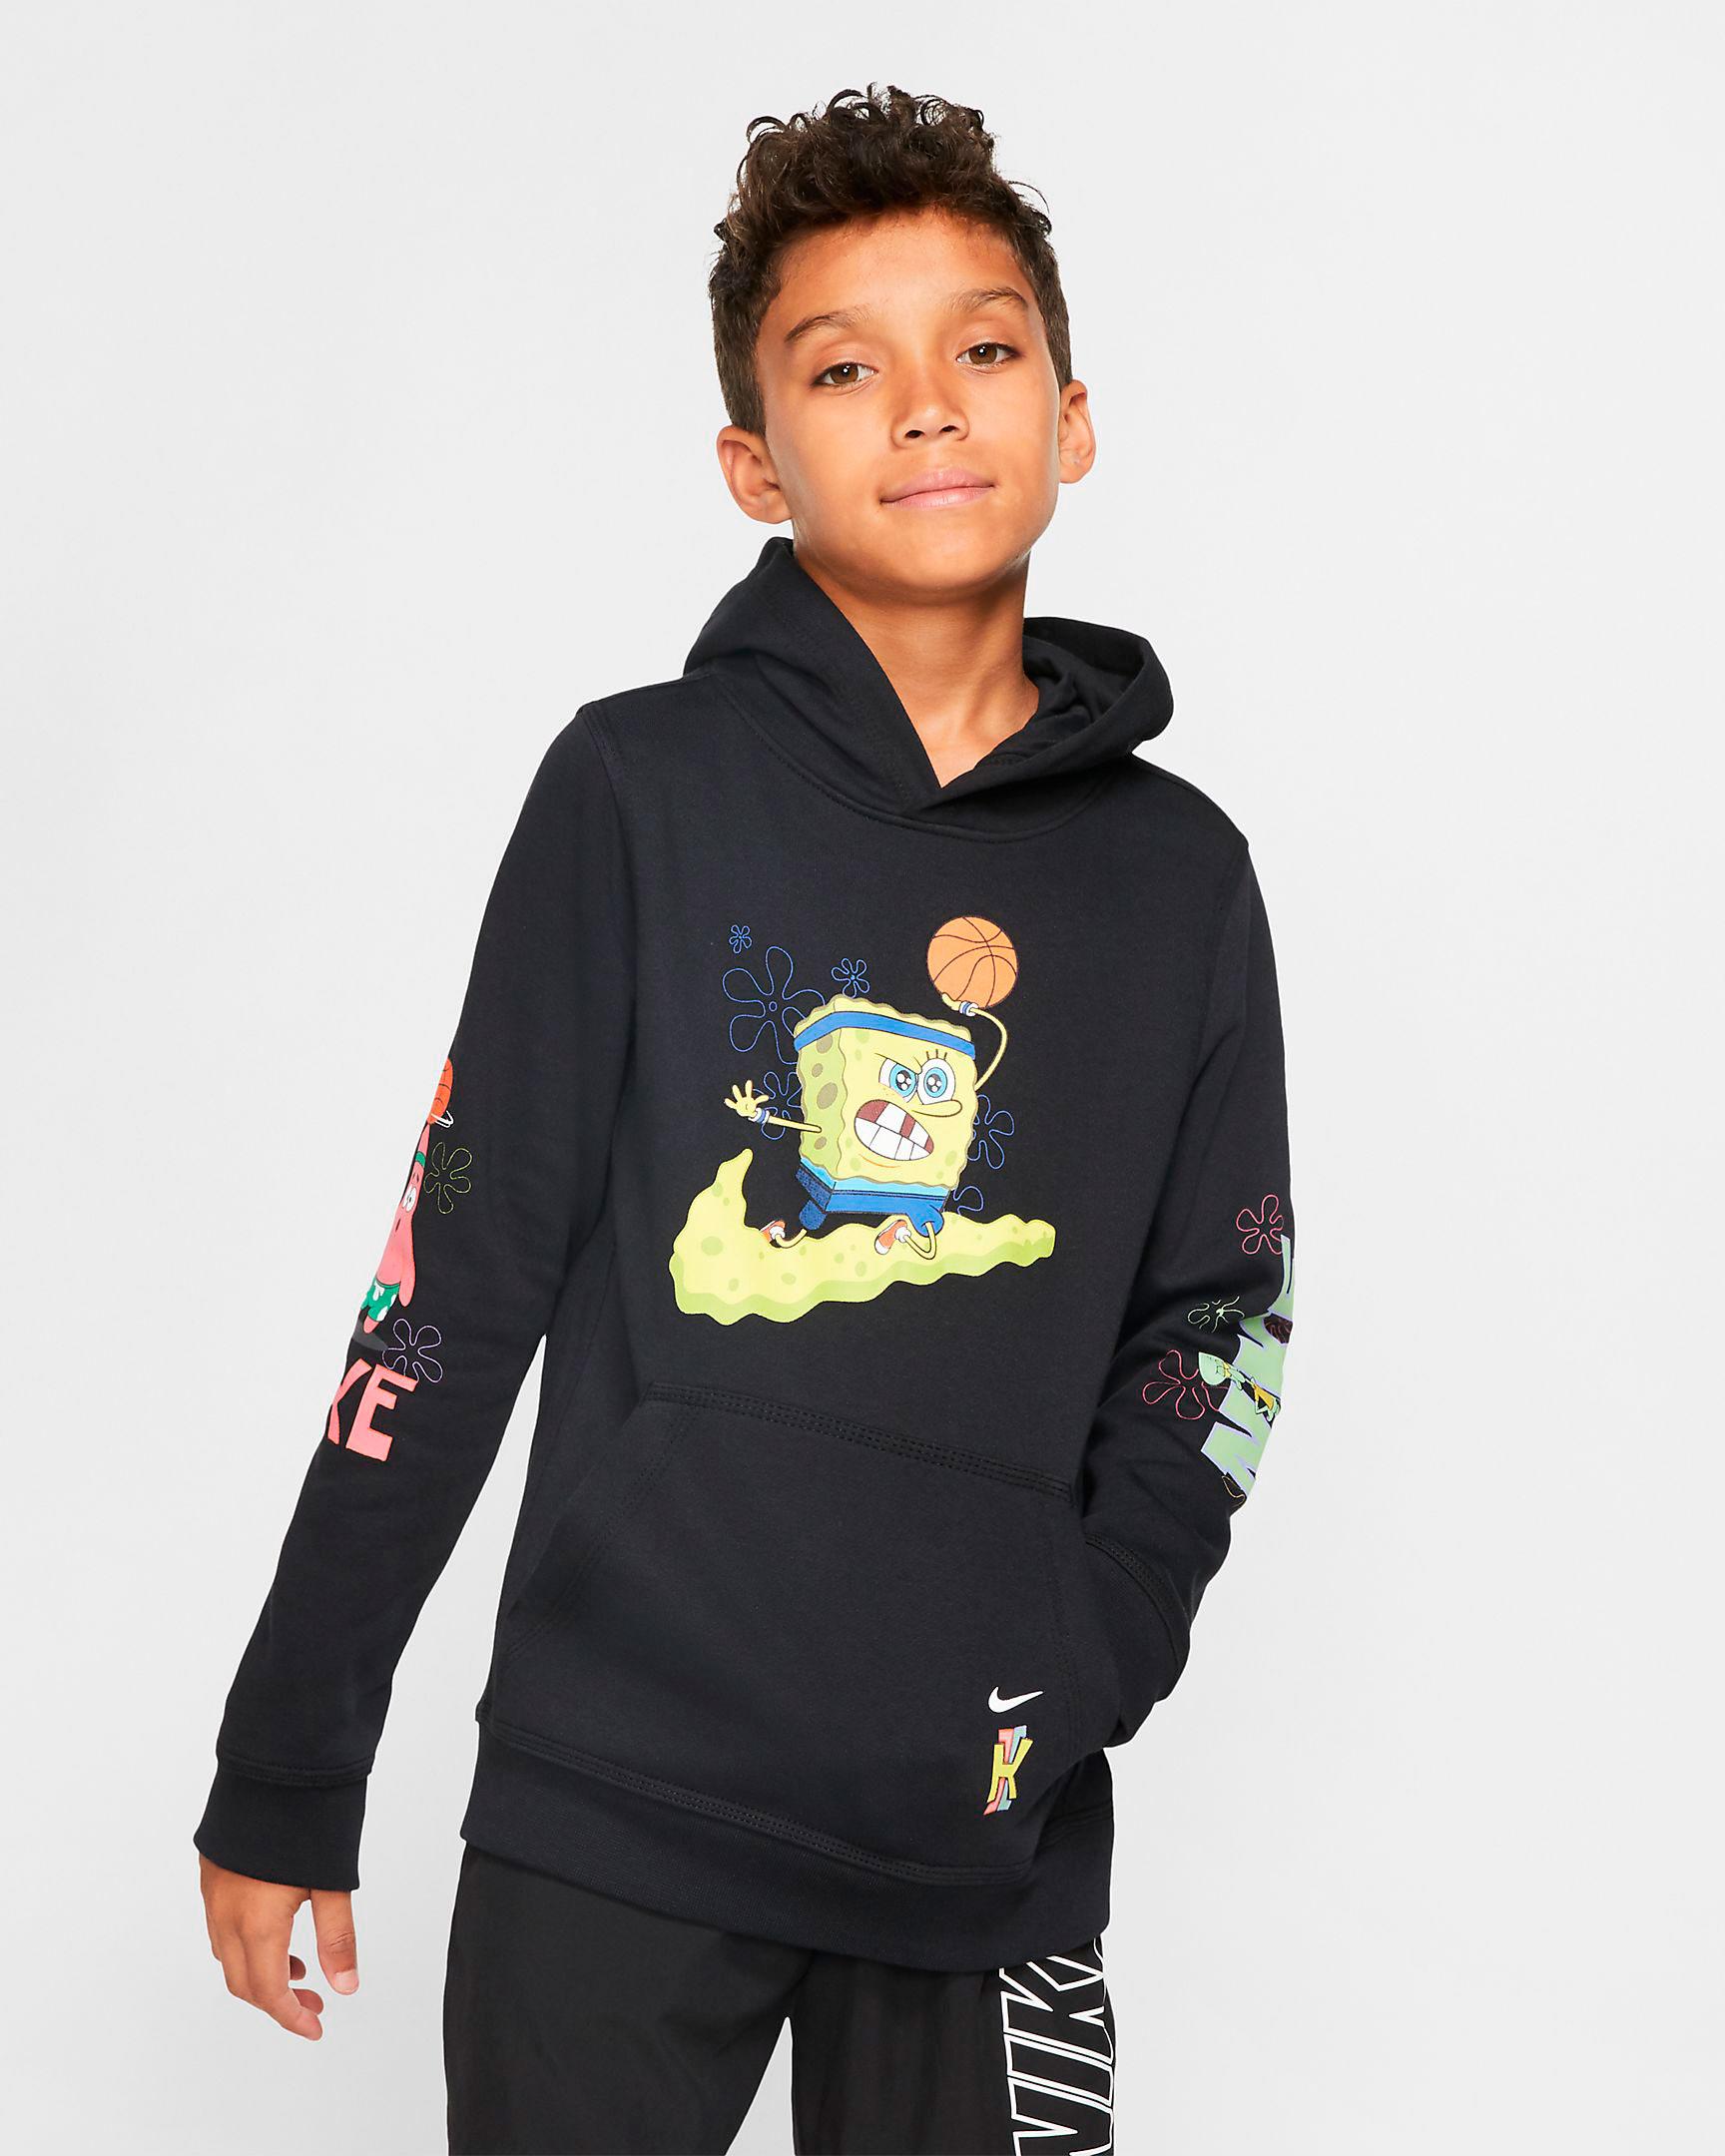 spongebob-kyrie-nike-boys-kids-hoodie-2